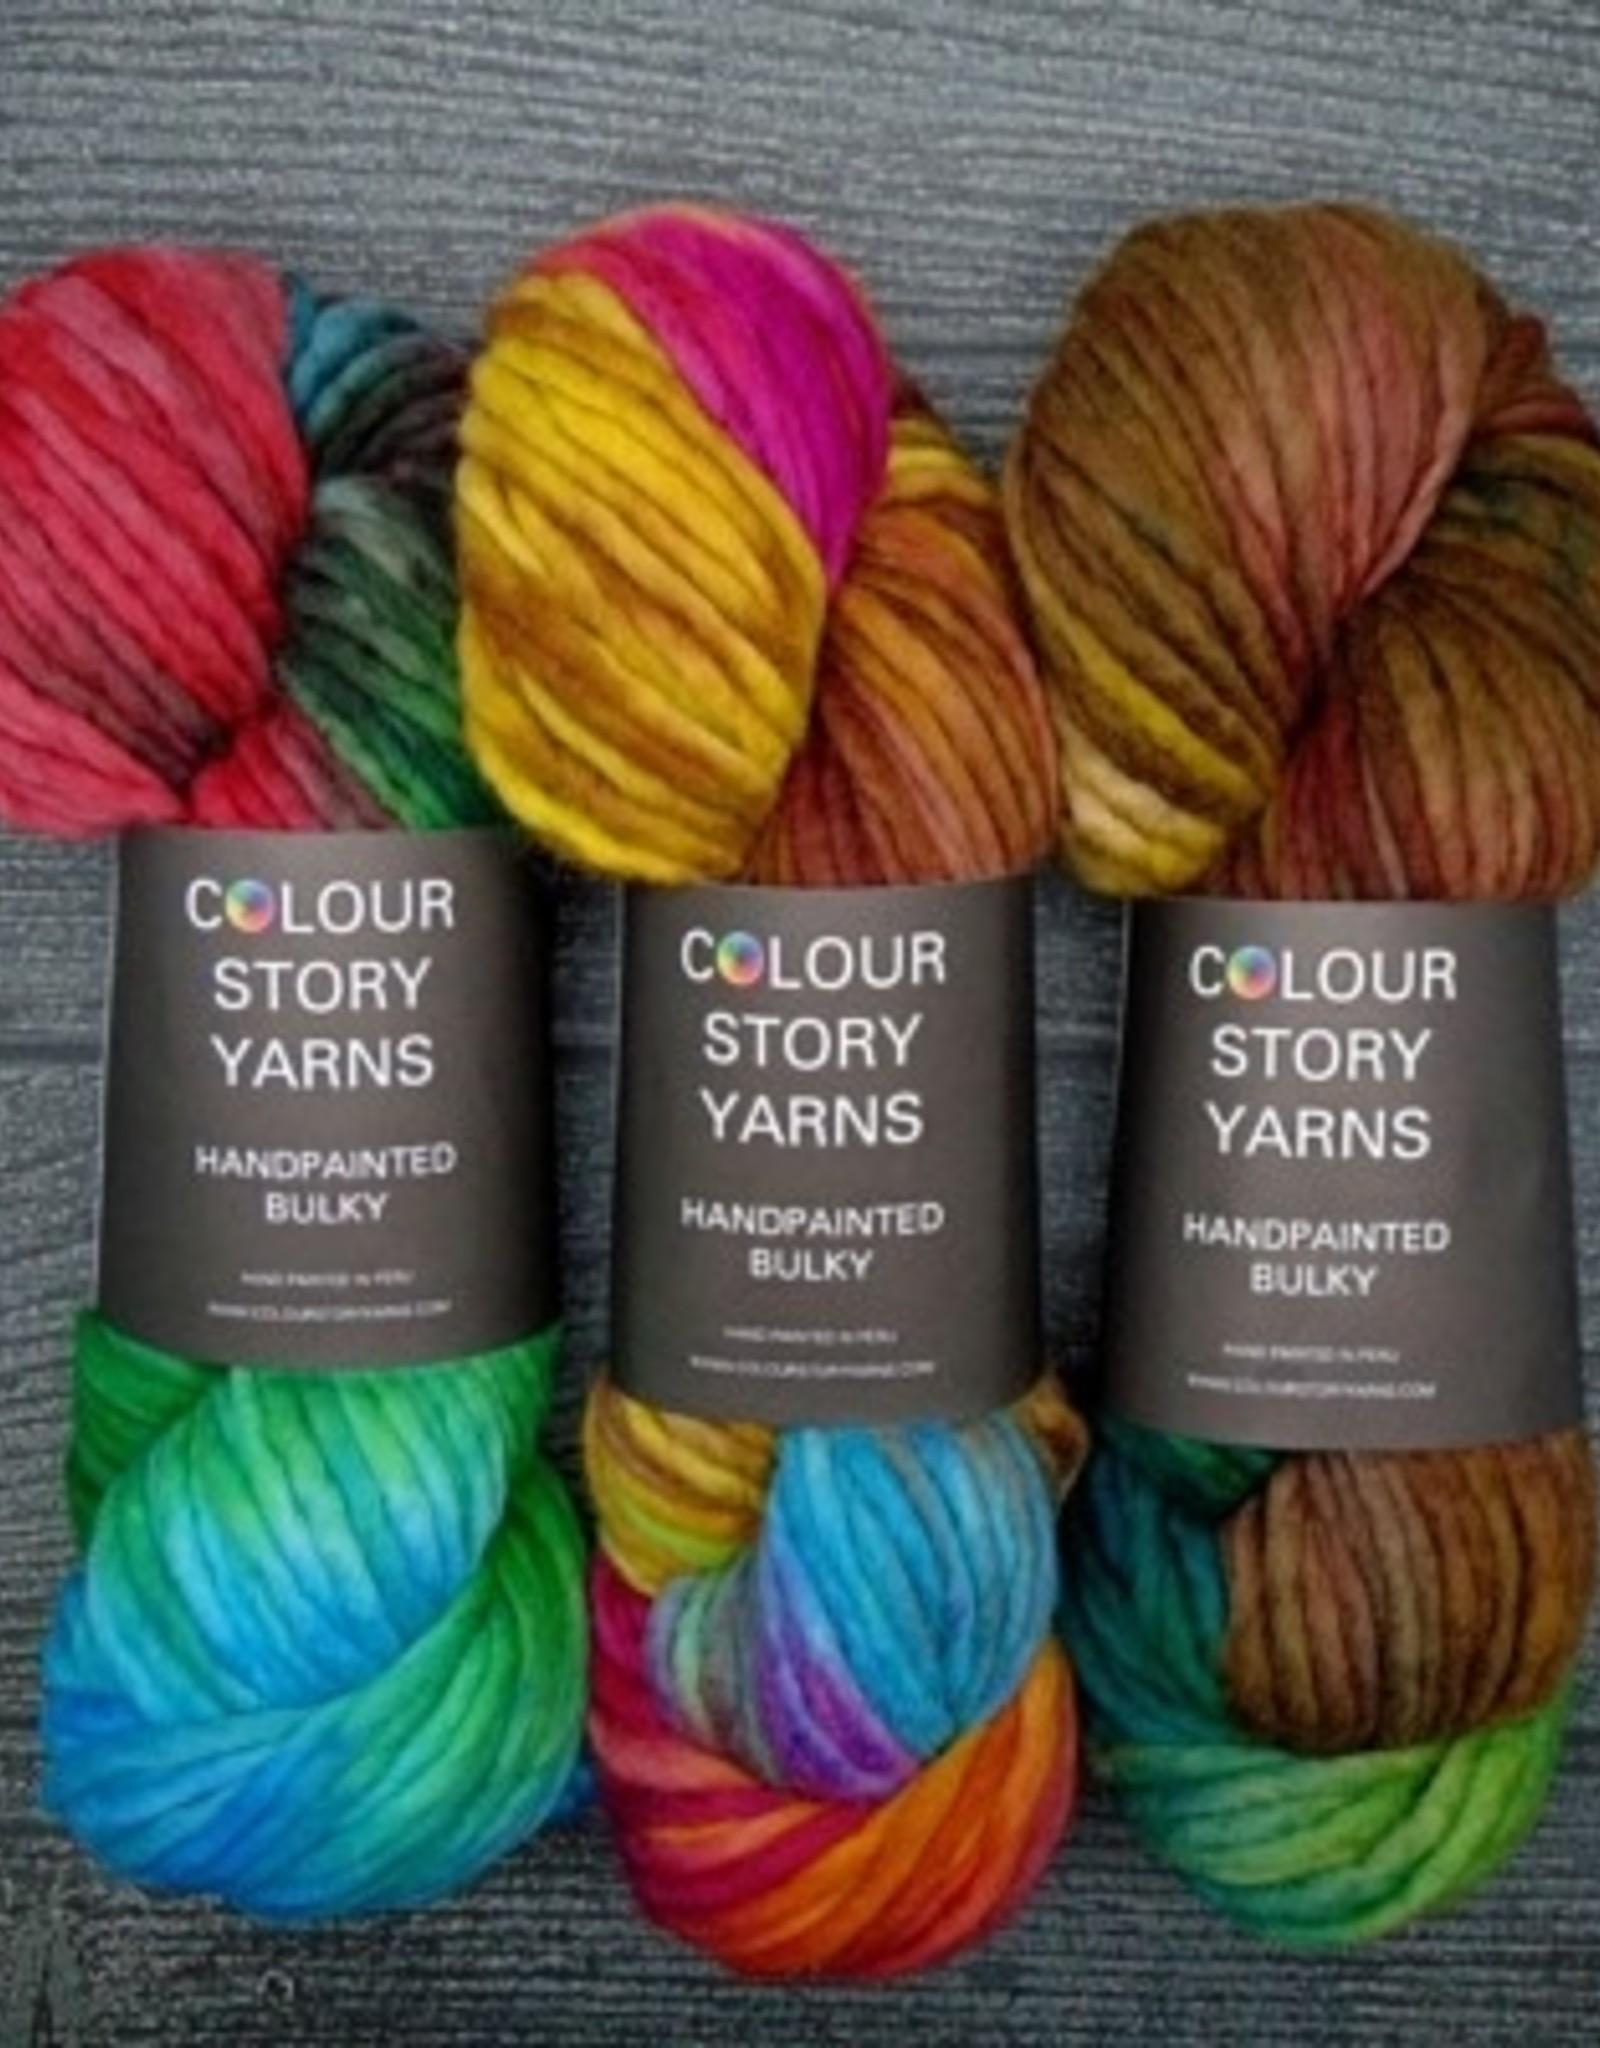 Colour Story Yarns Colour Story Yarns Handpaint Bulky